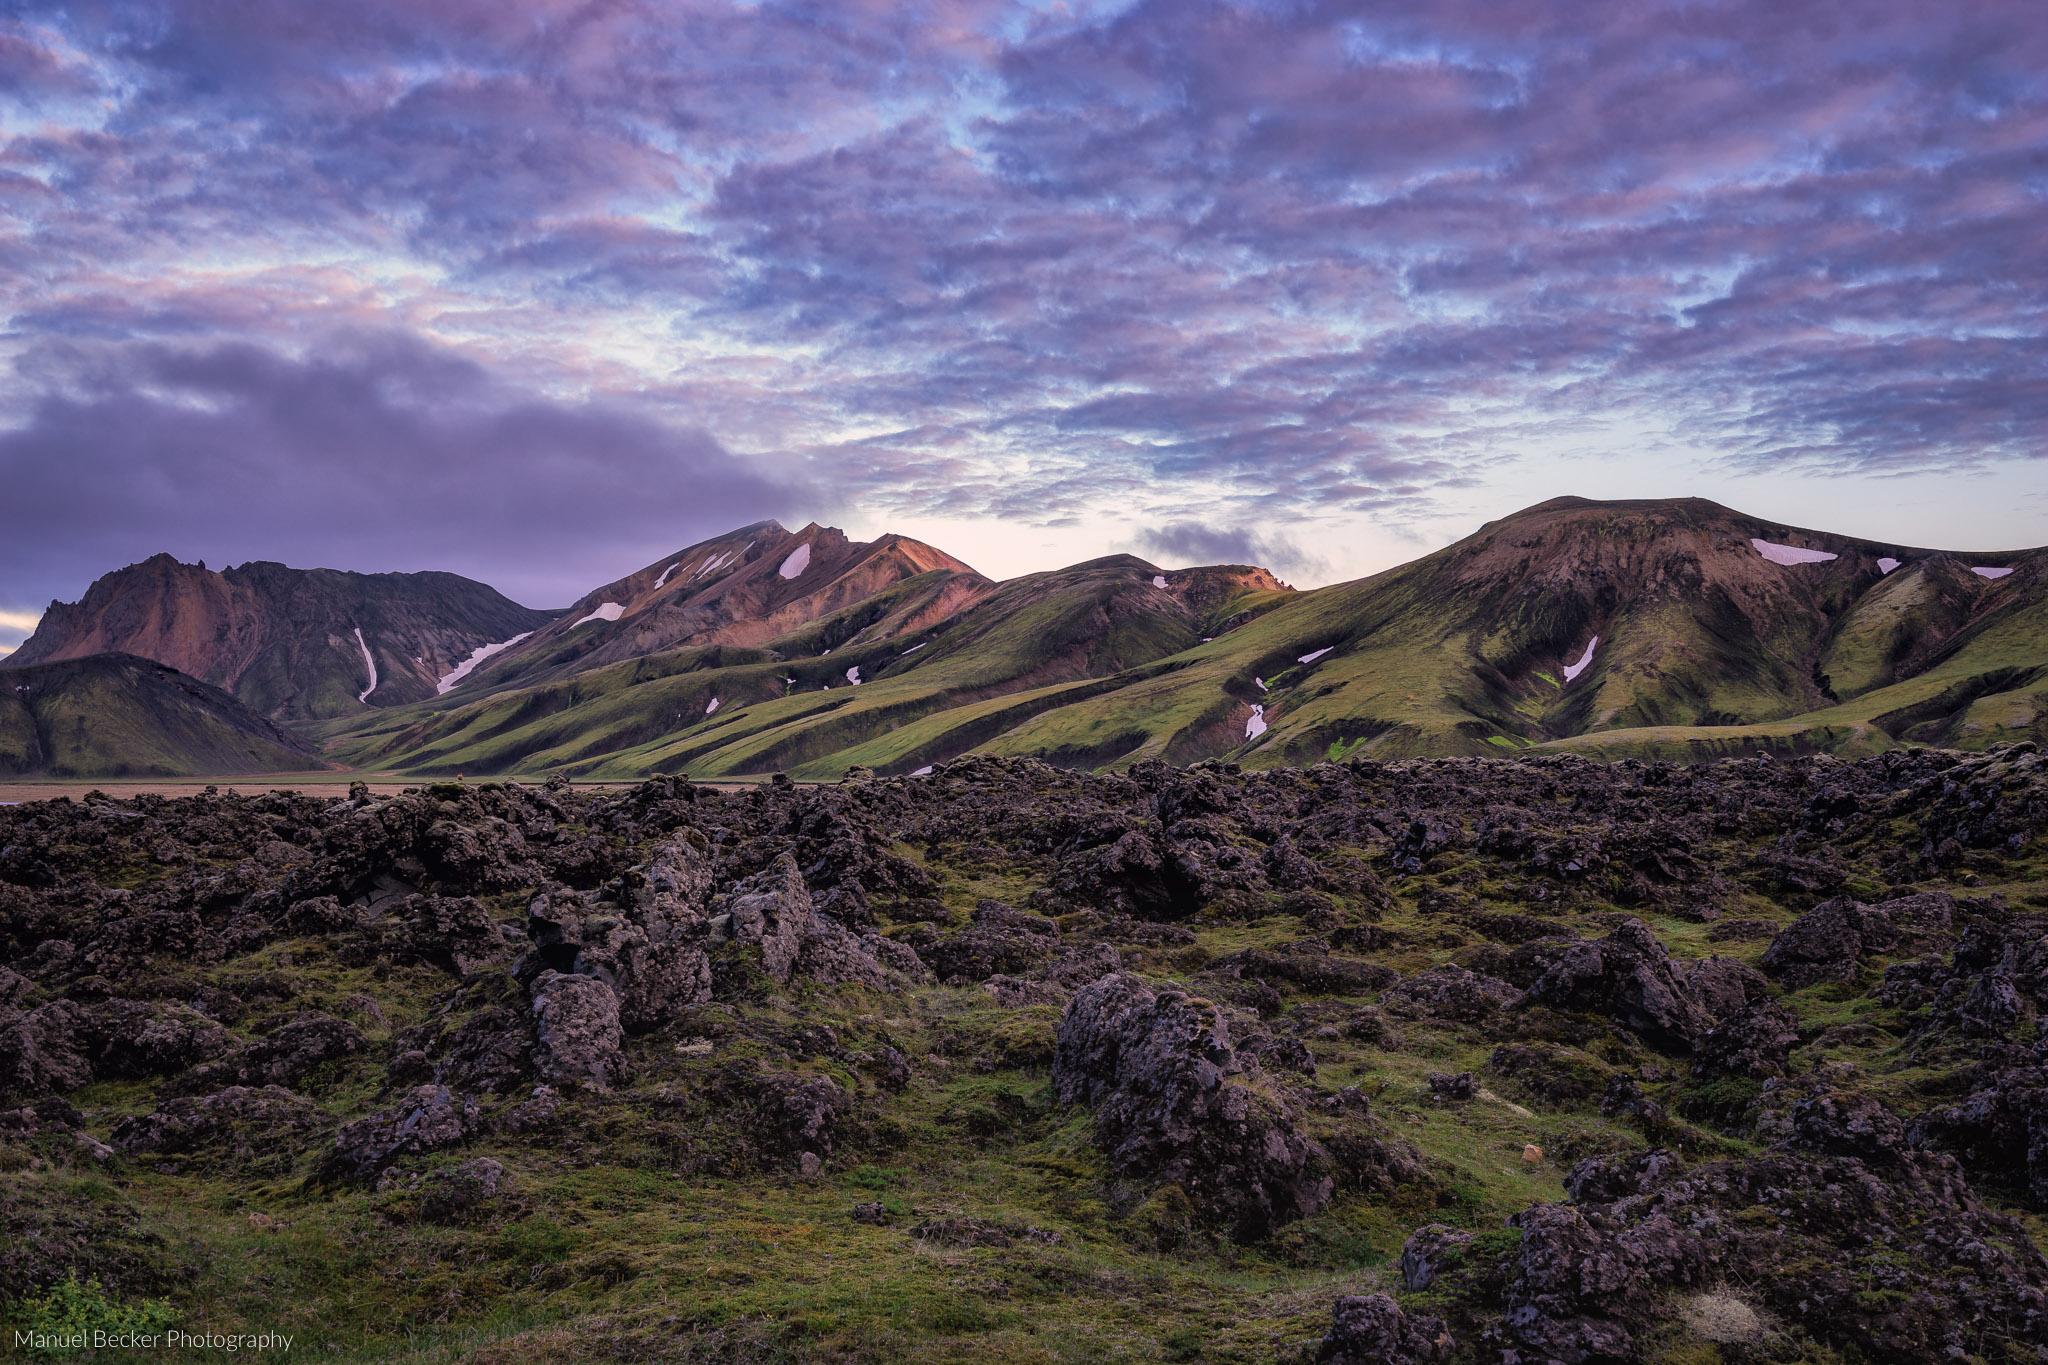 Mountain formation at Landmannalaugar, Iceland